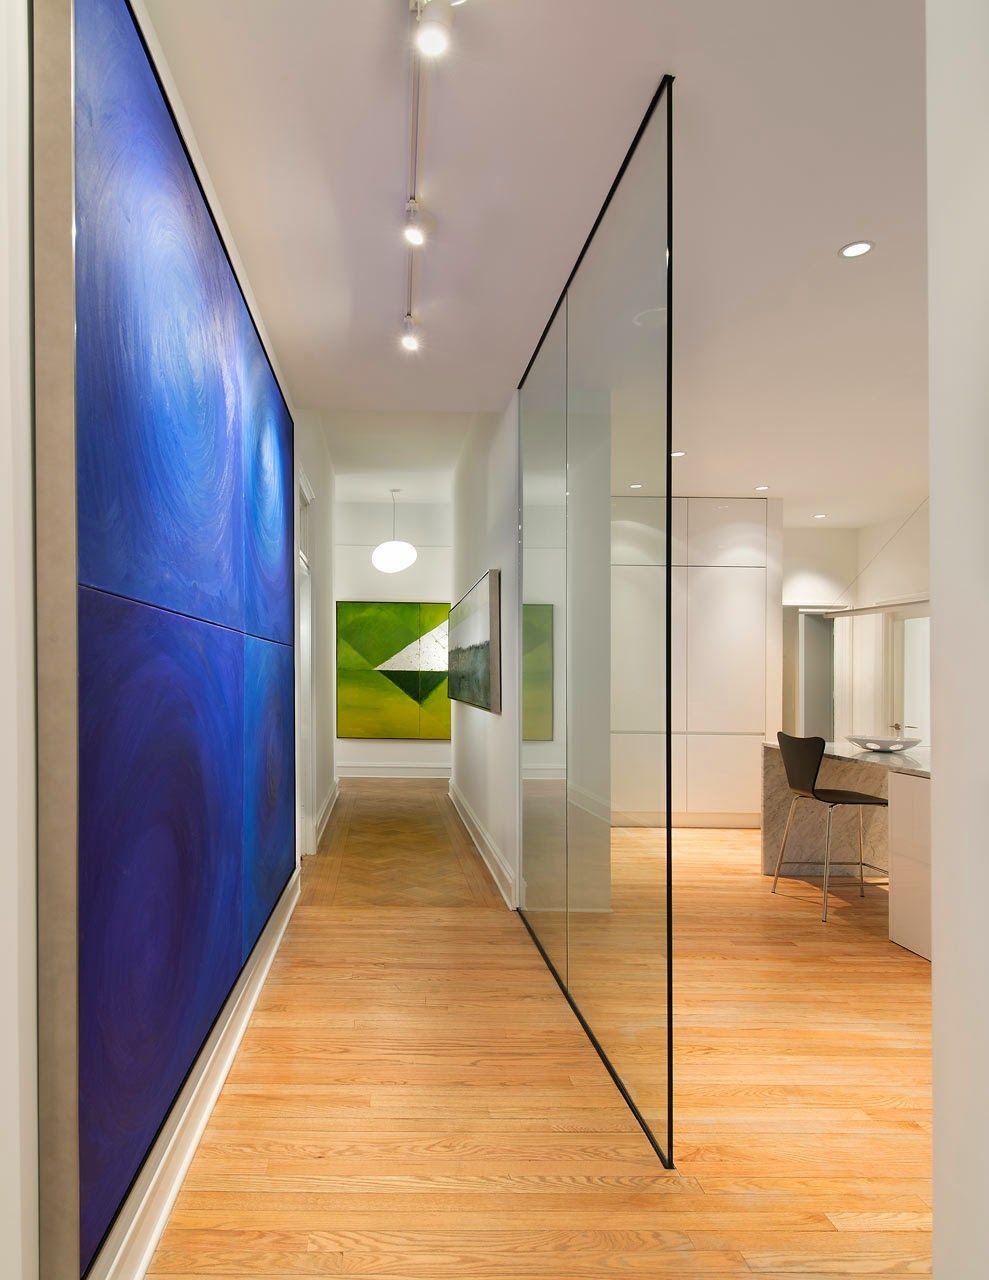 Une cloison en verre, contrairement à un mur ordinaire, laisse entrer la lumière du soleil à l'intérieur de la pièce